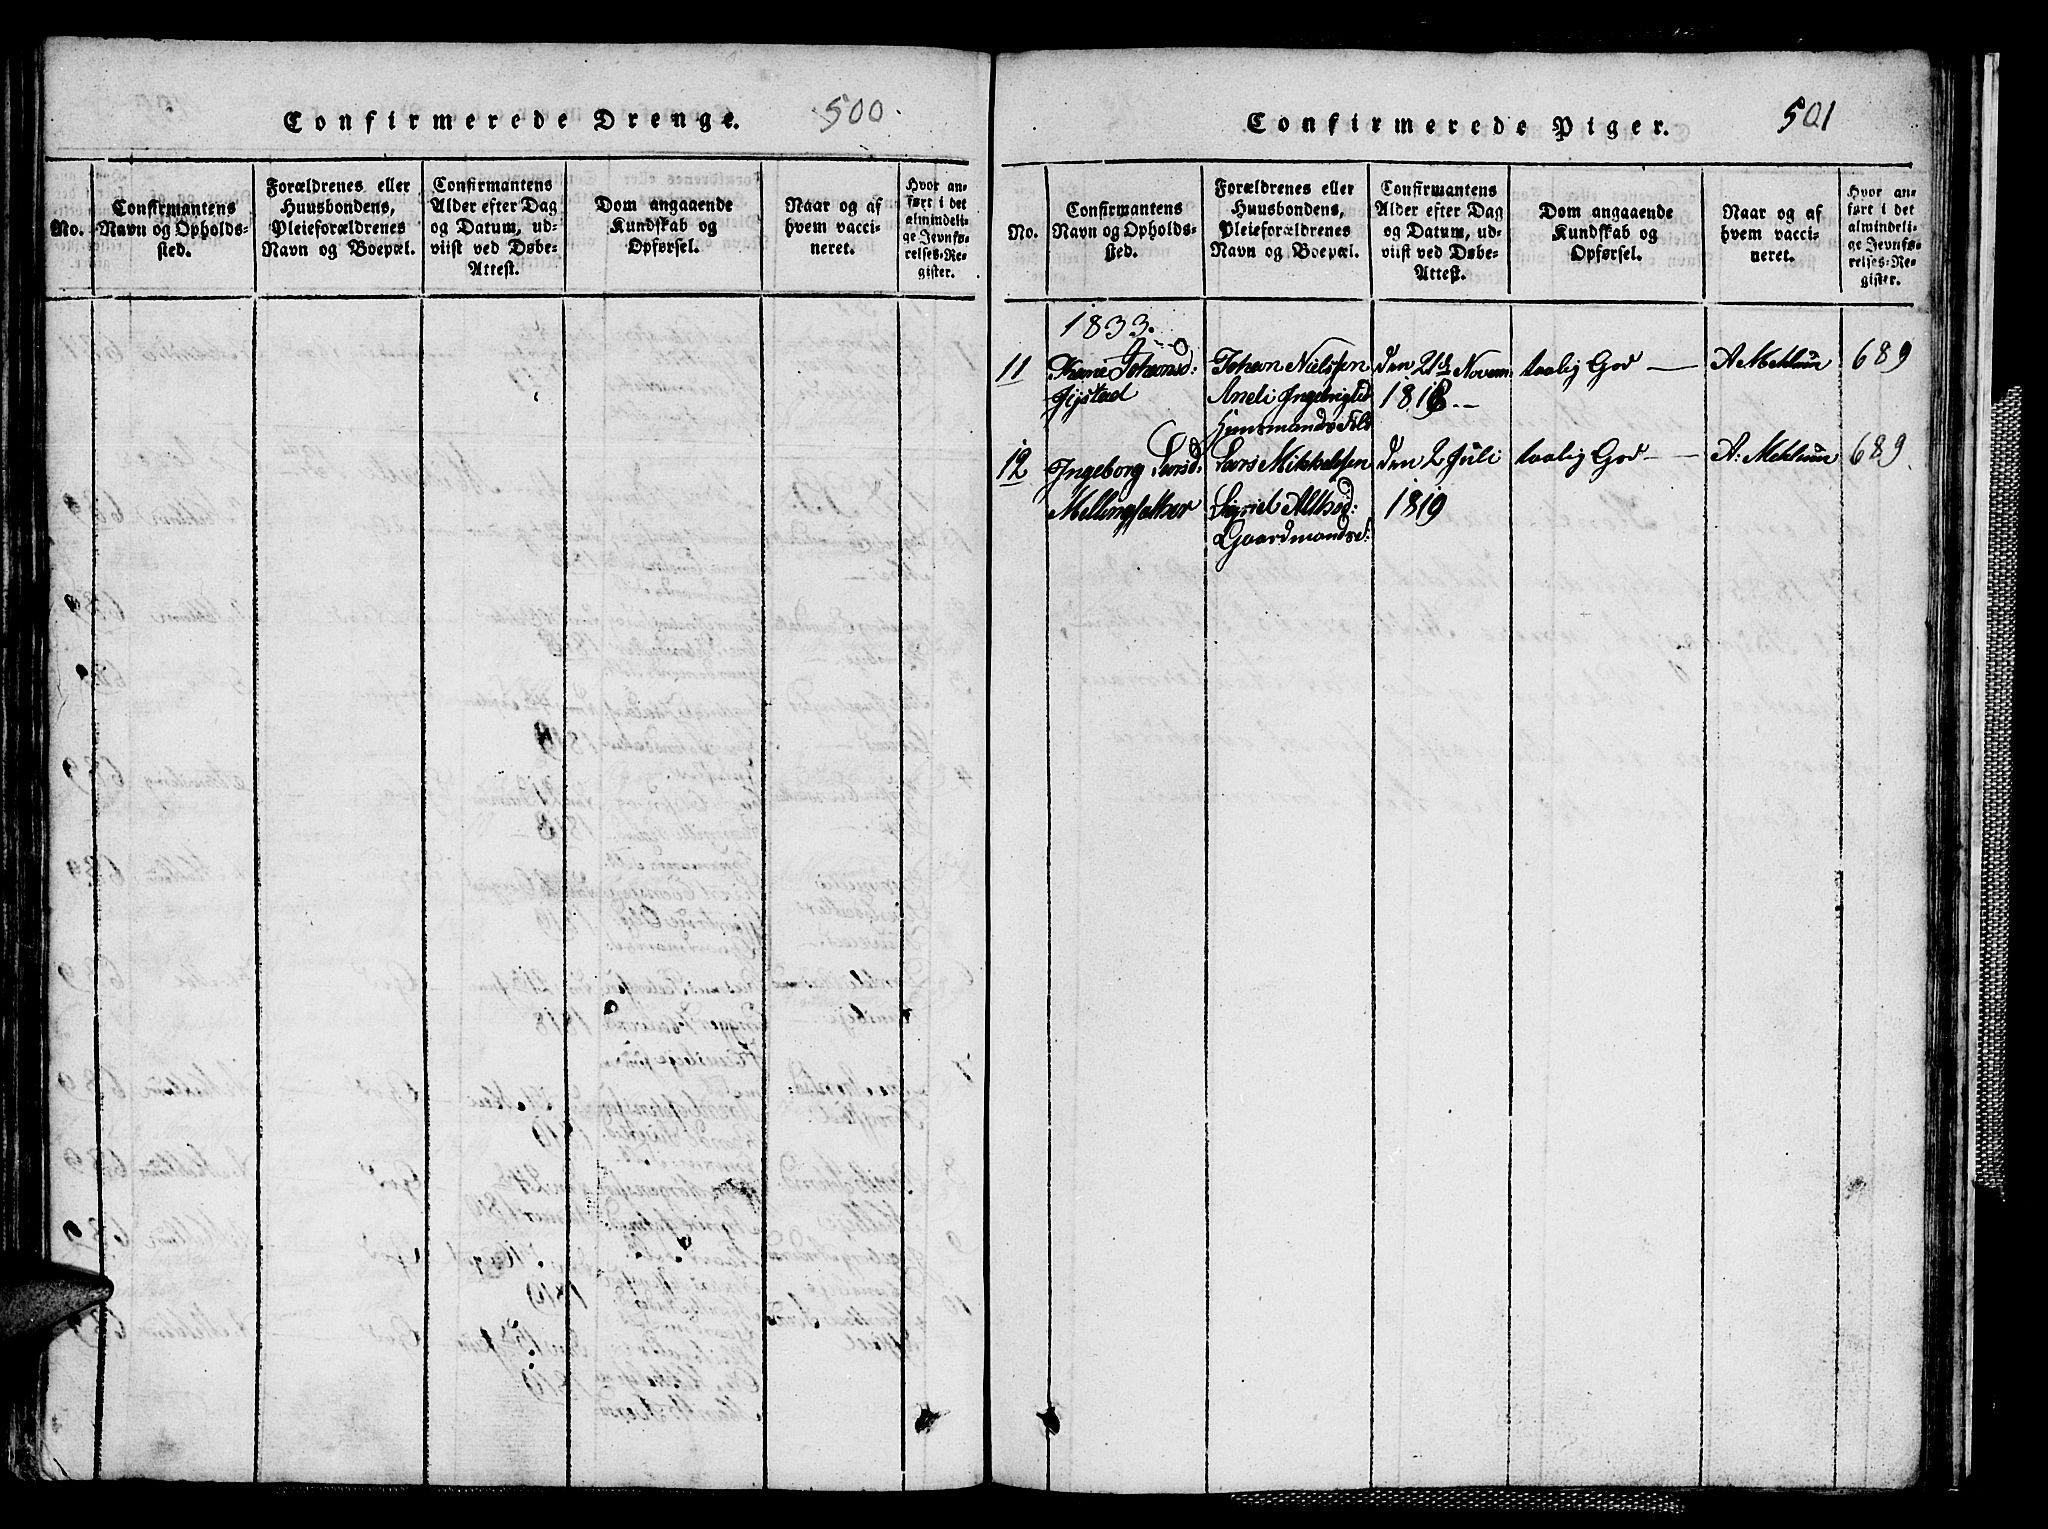 SAT, Ministerialprotokoller, klokkerbøker og fødselsregistre - Sør-Trøndelag, 667/L0796: Klokkerbok nr. 667C01, 1817-1836, s. 500-501